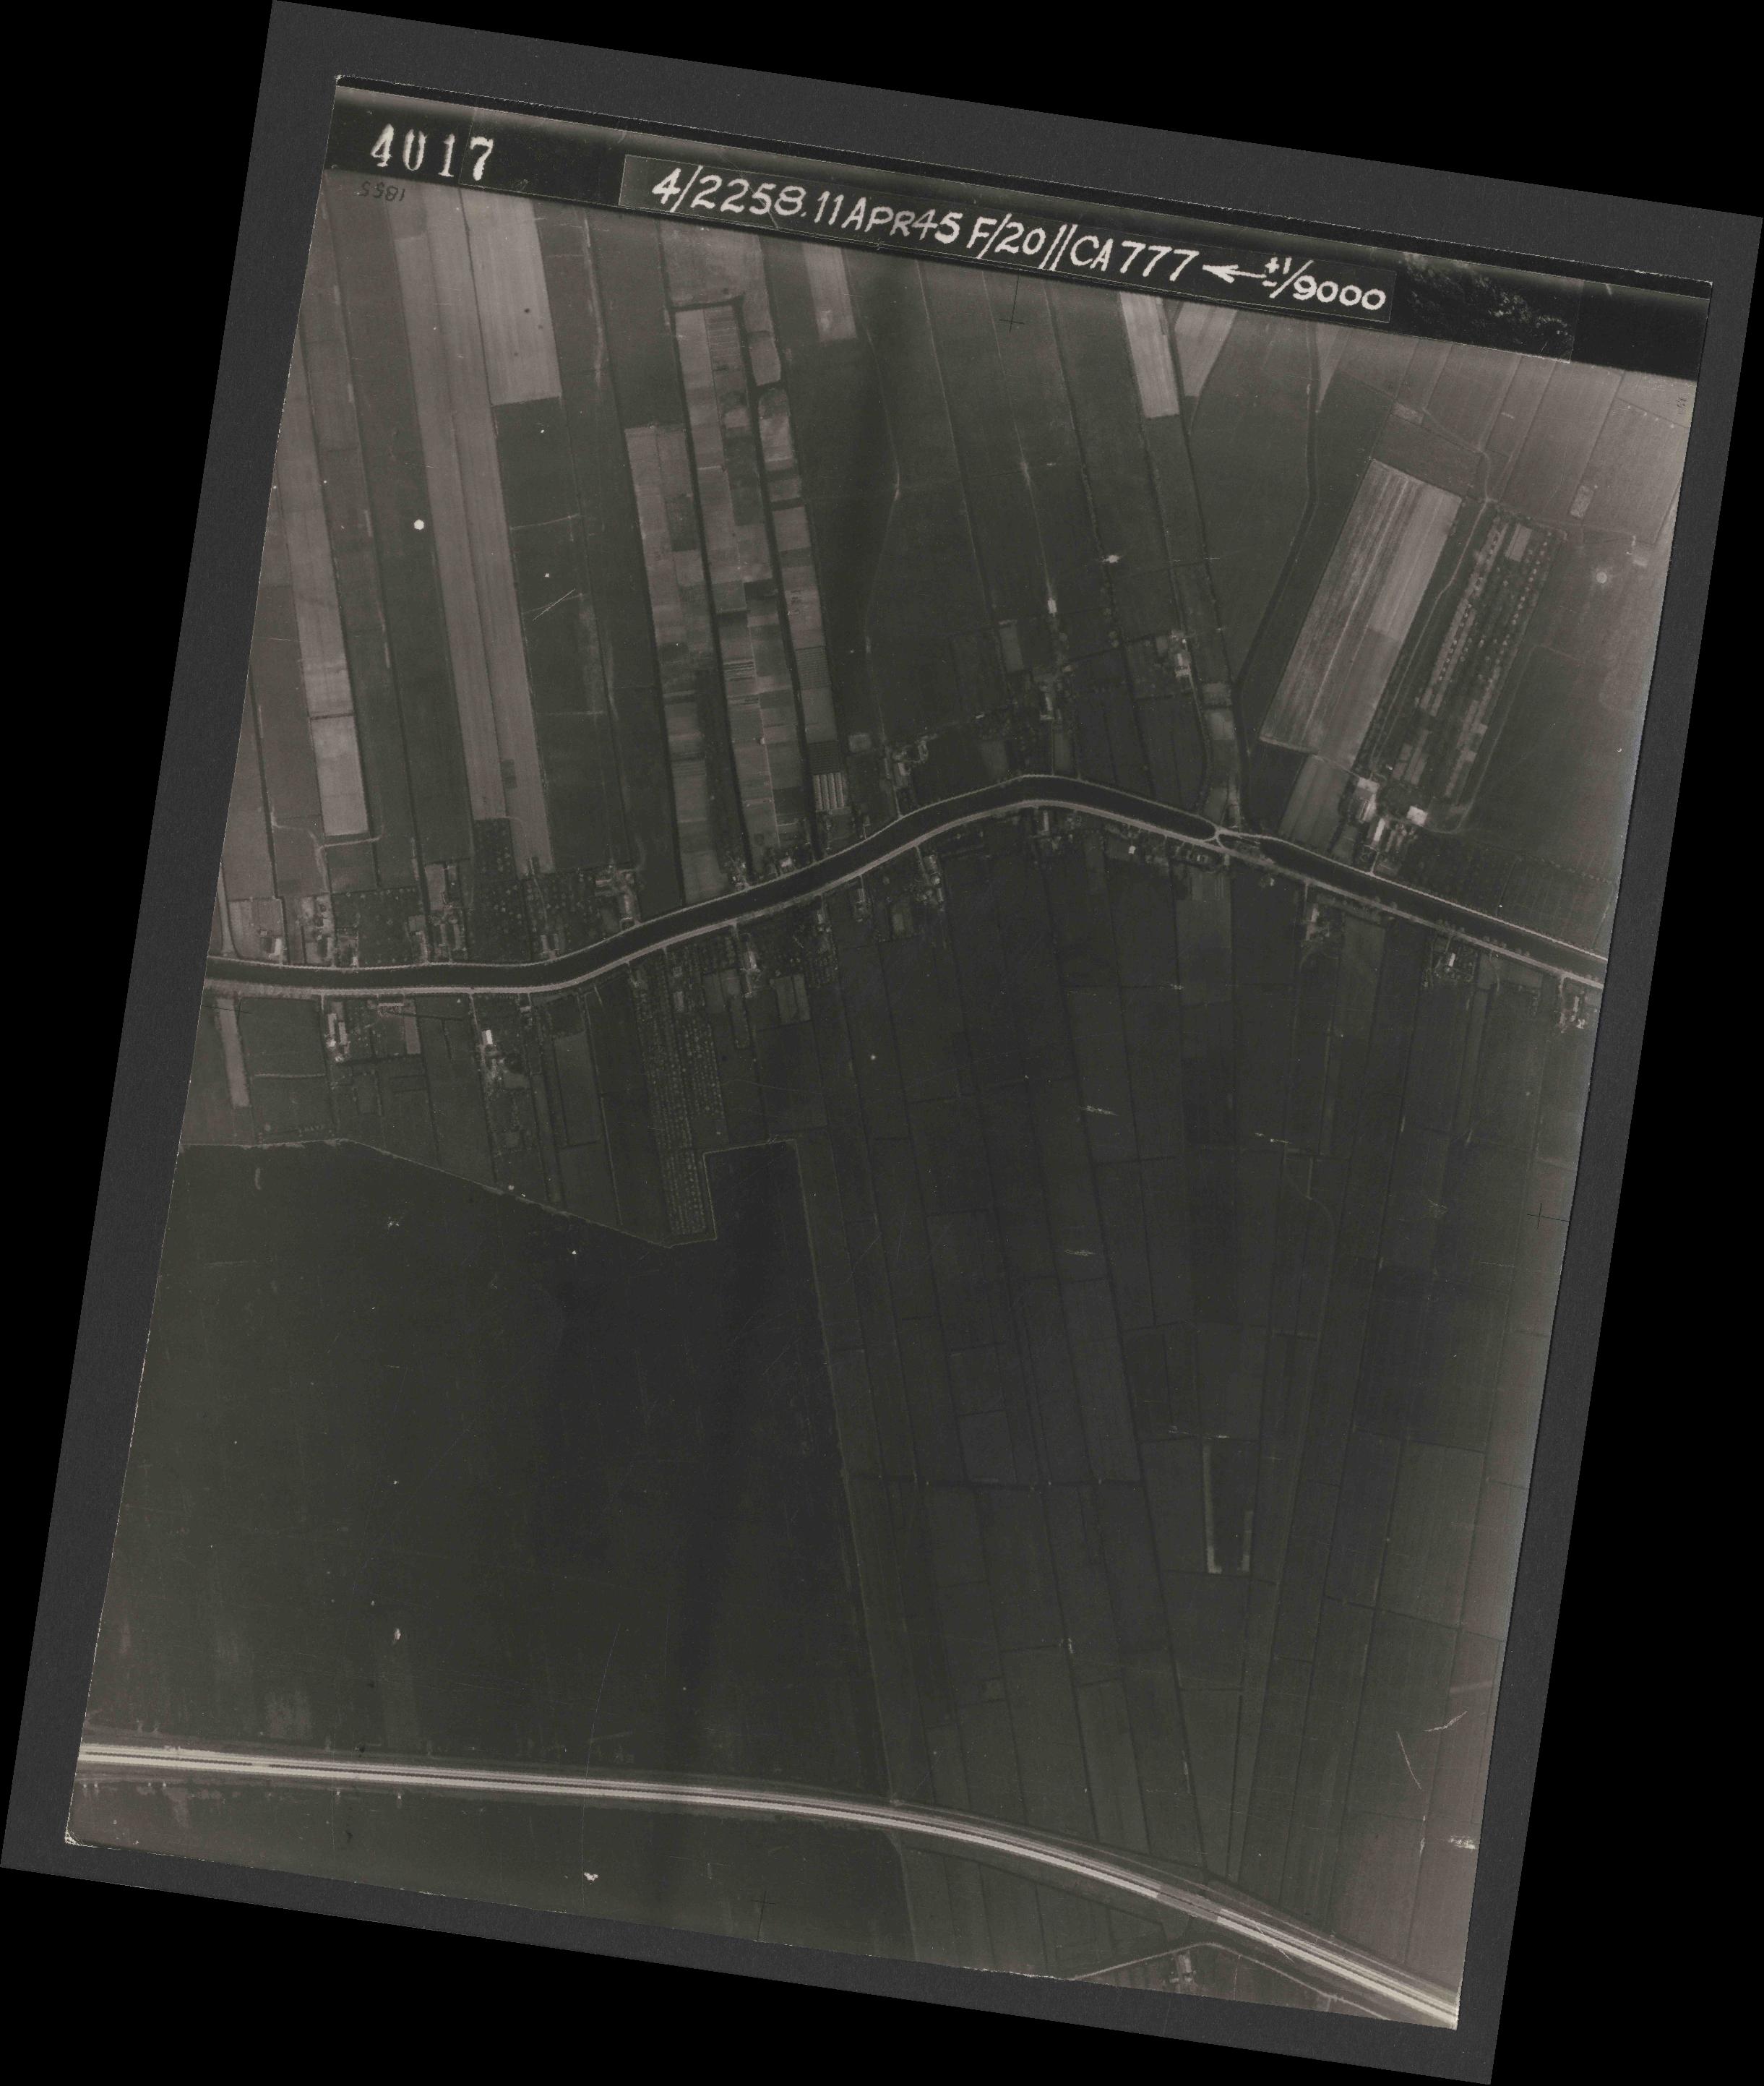 Collection RAF aerial photos 1940-1945 - flight 119, run 01, photo 4017